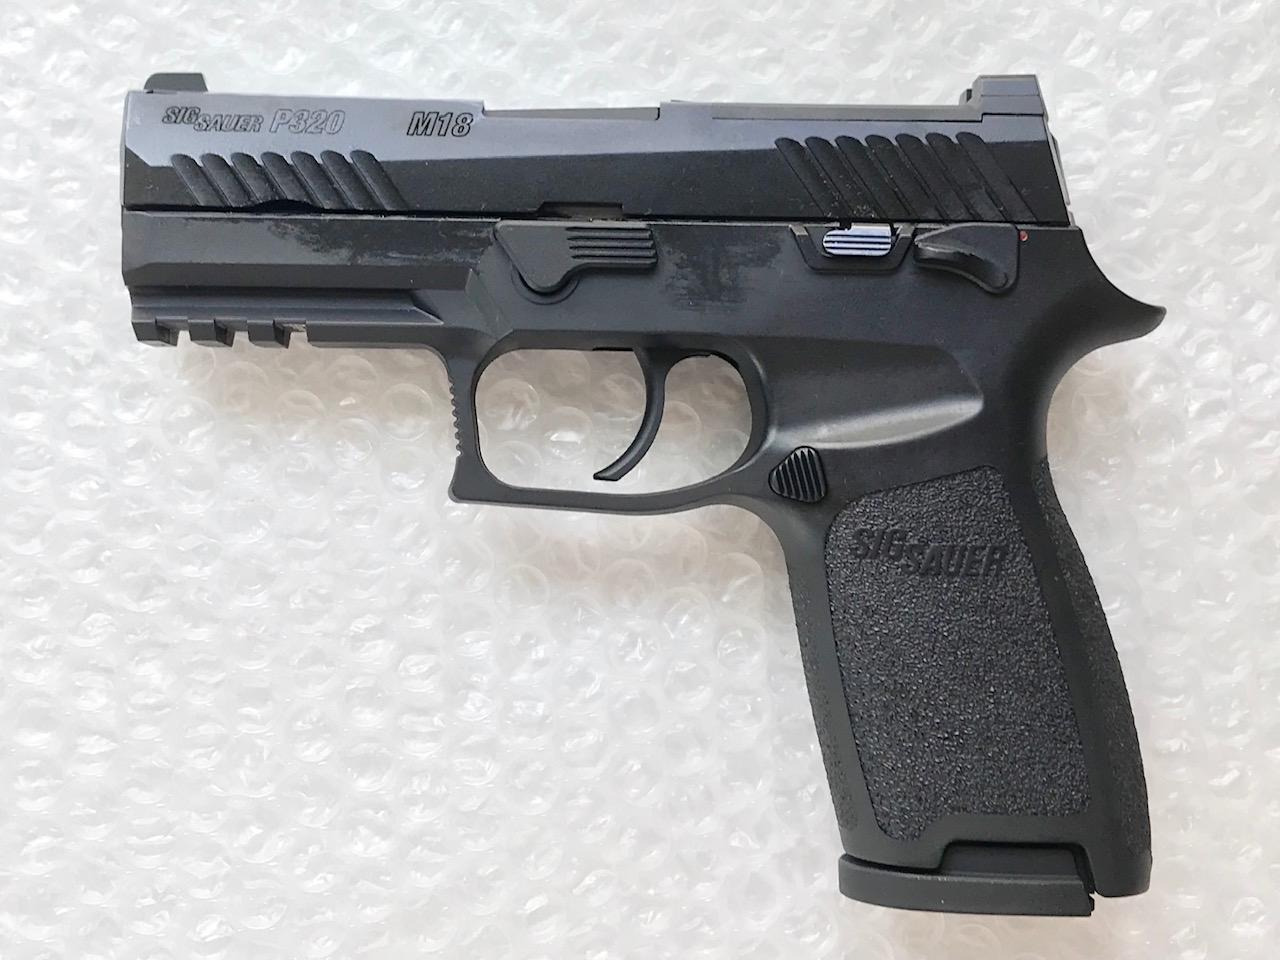 SIGAIR/VFC P320/M18 ガスブローバック(リキッドチャージ) -BK